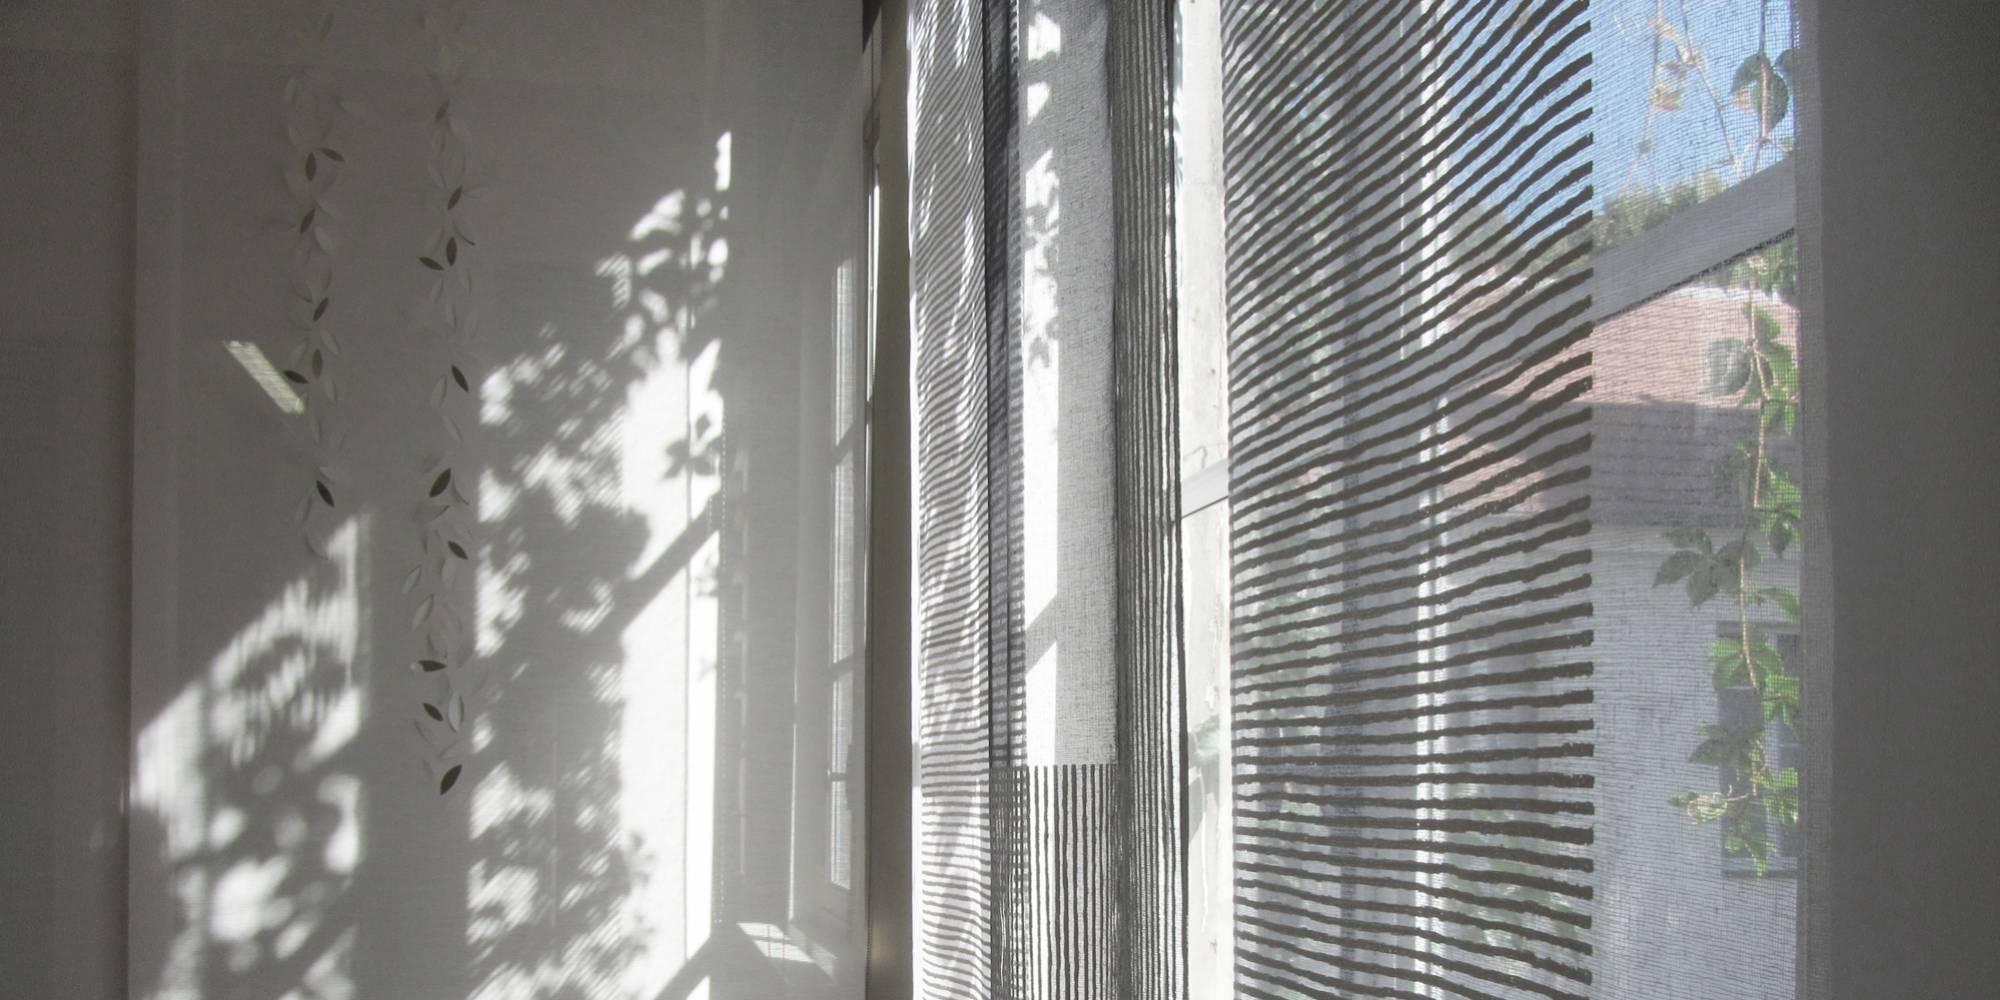 """Dessins """"sieste"""" et """"guirlande de feuilles"""" : habillage de fenêtre & séparation espaces"""